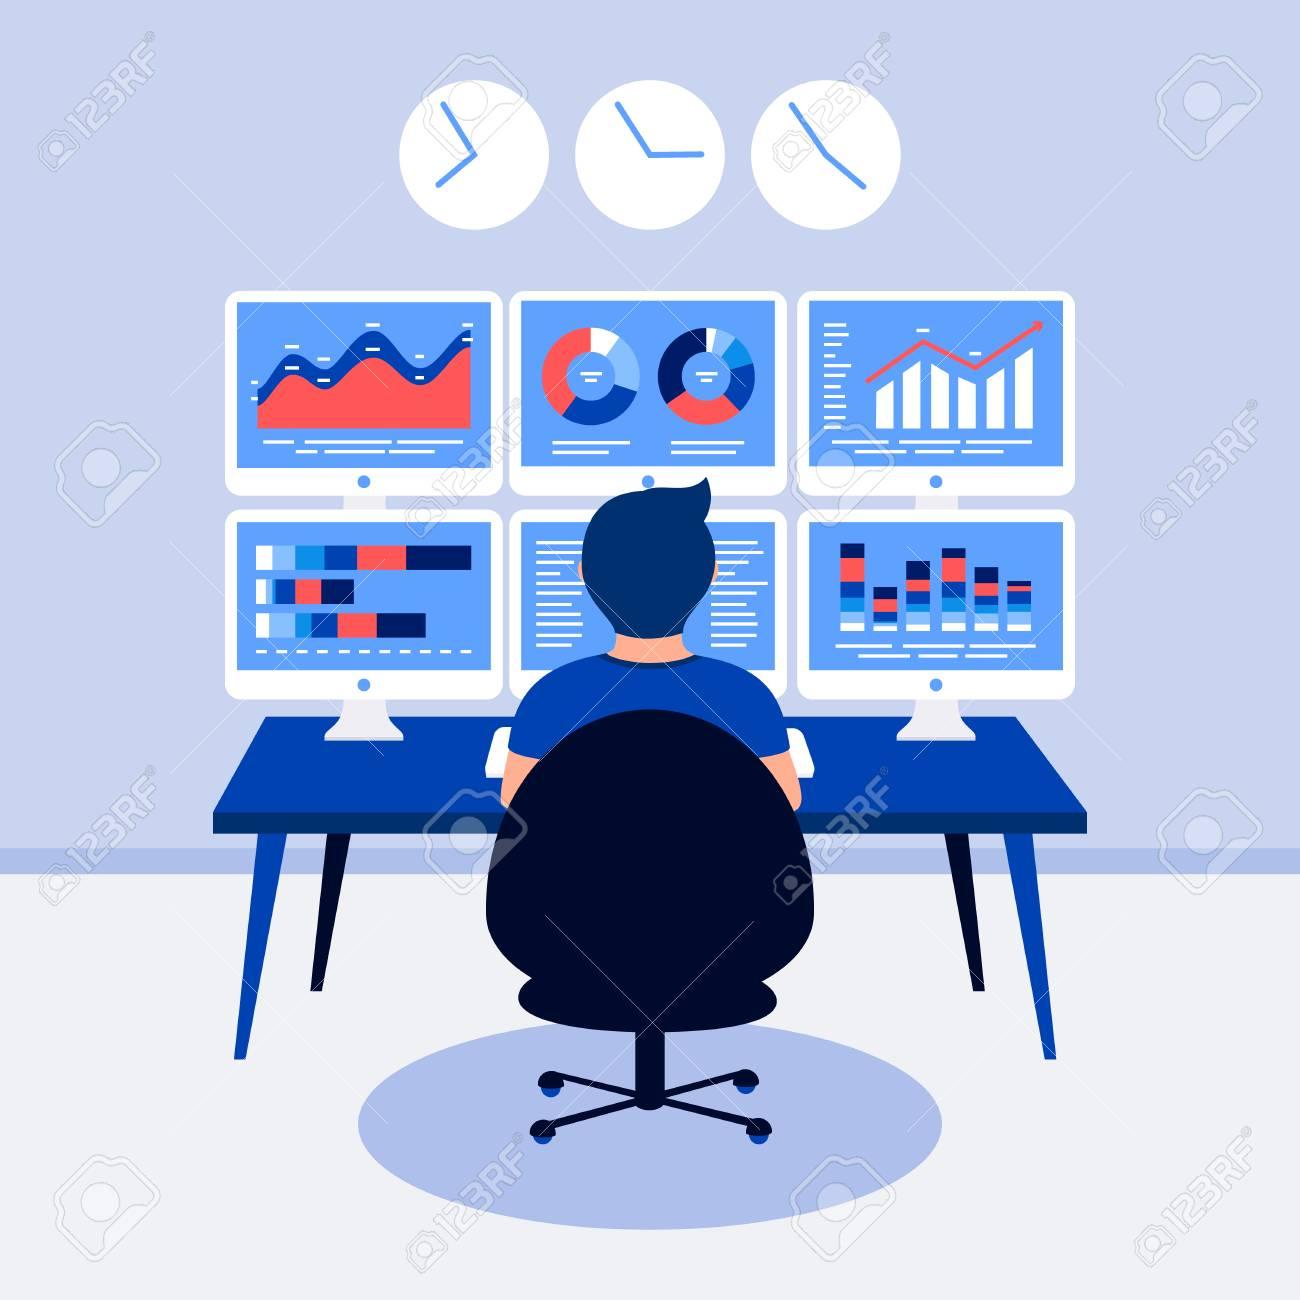 Data analysis design concept. Analyst, trader working.